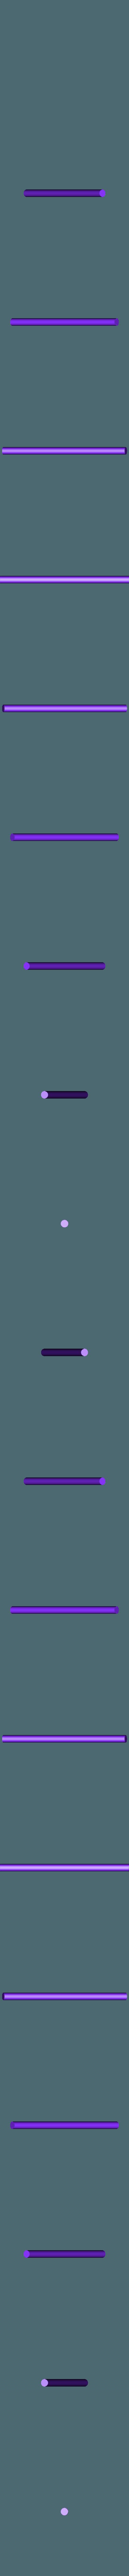 axle_5.STL Télécharger fichier STL gratuit MEGA Expansion 200+ Pièces • Plan à imprimer en 3D, Pwentey